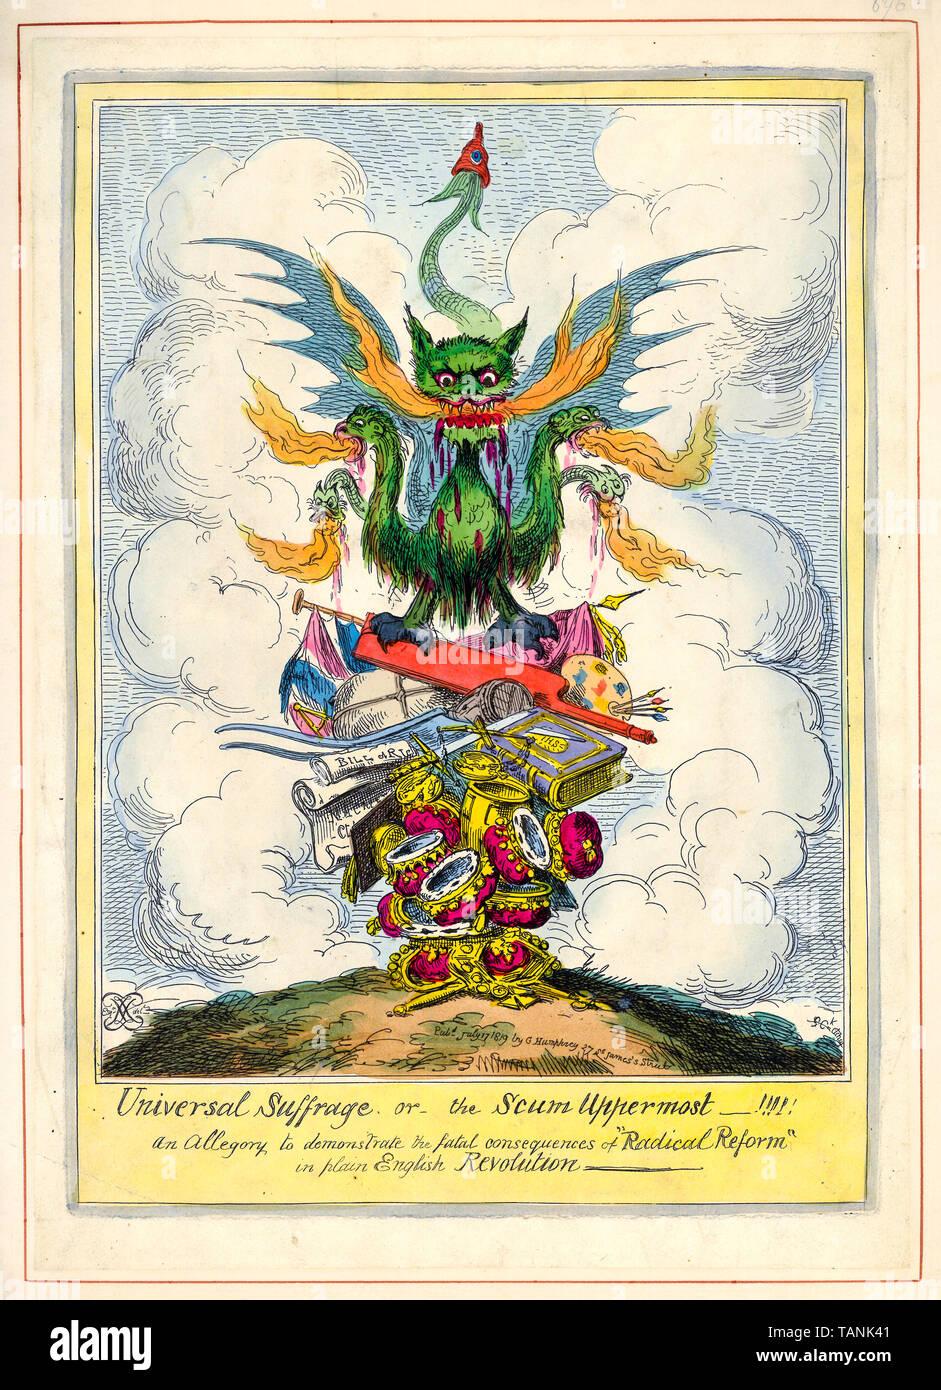 Il suffragio universale o la feccia rivolta verso l'alto, cartoon politico, il voto riforma, incisione, 1819 Immagini Stock